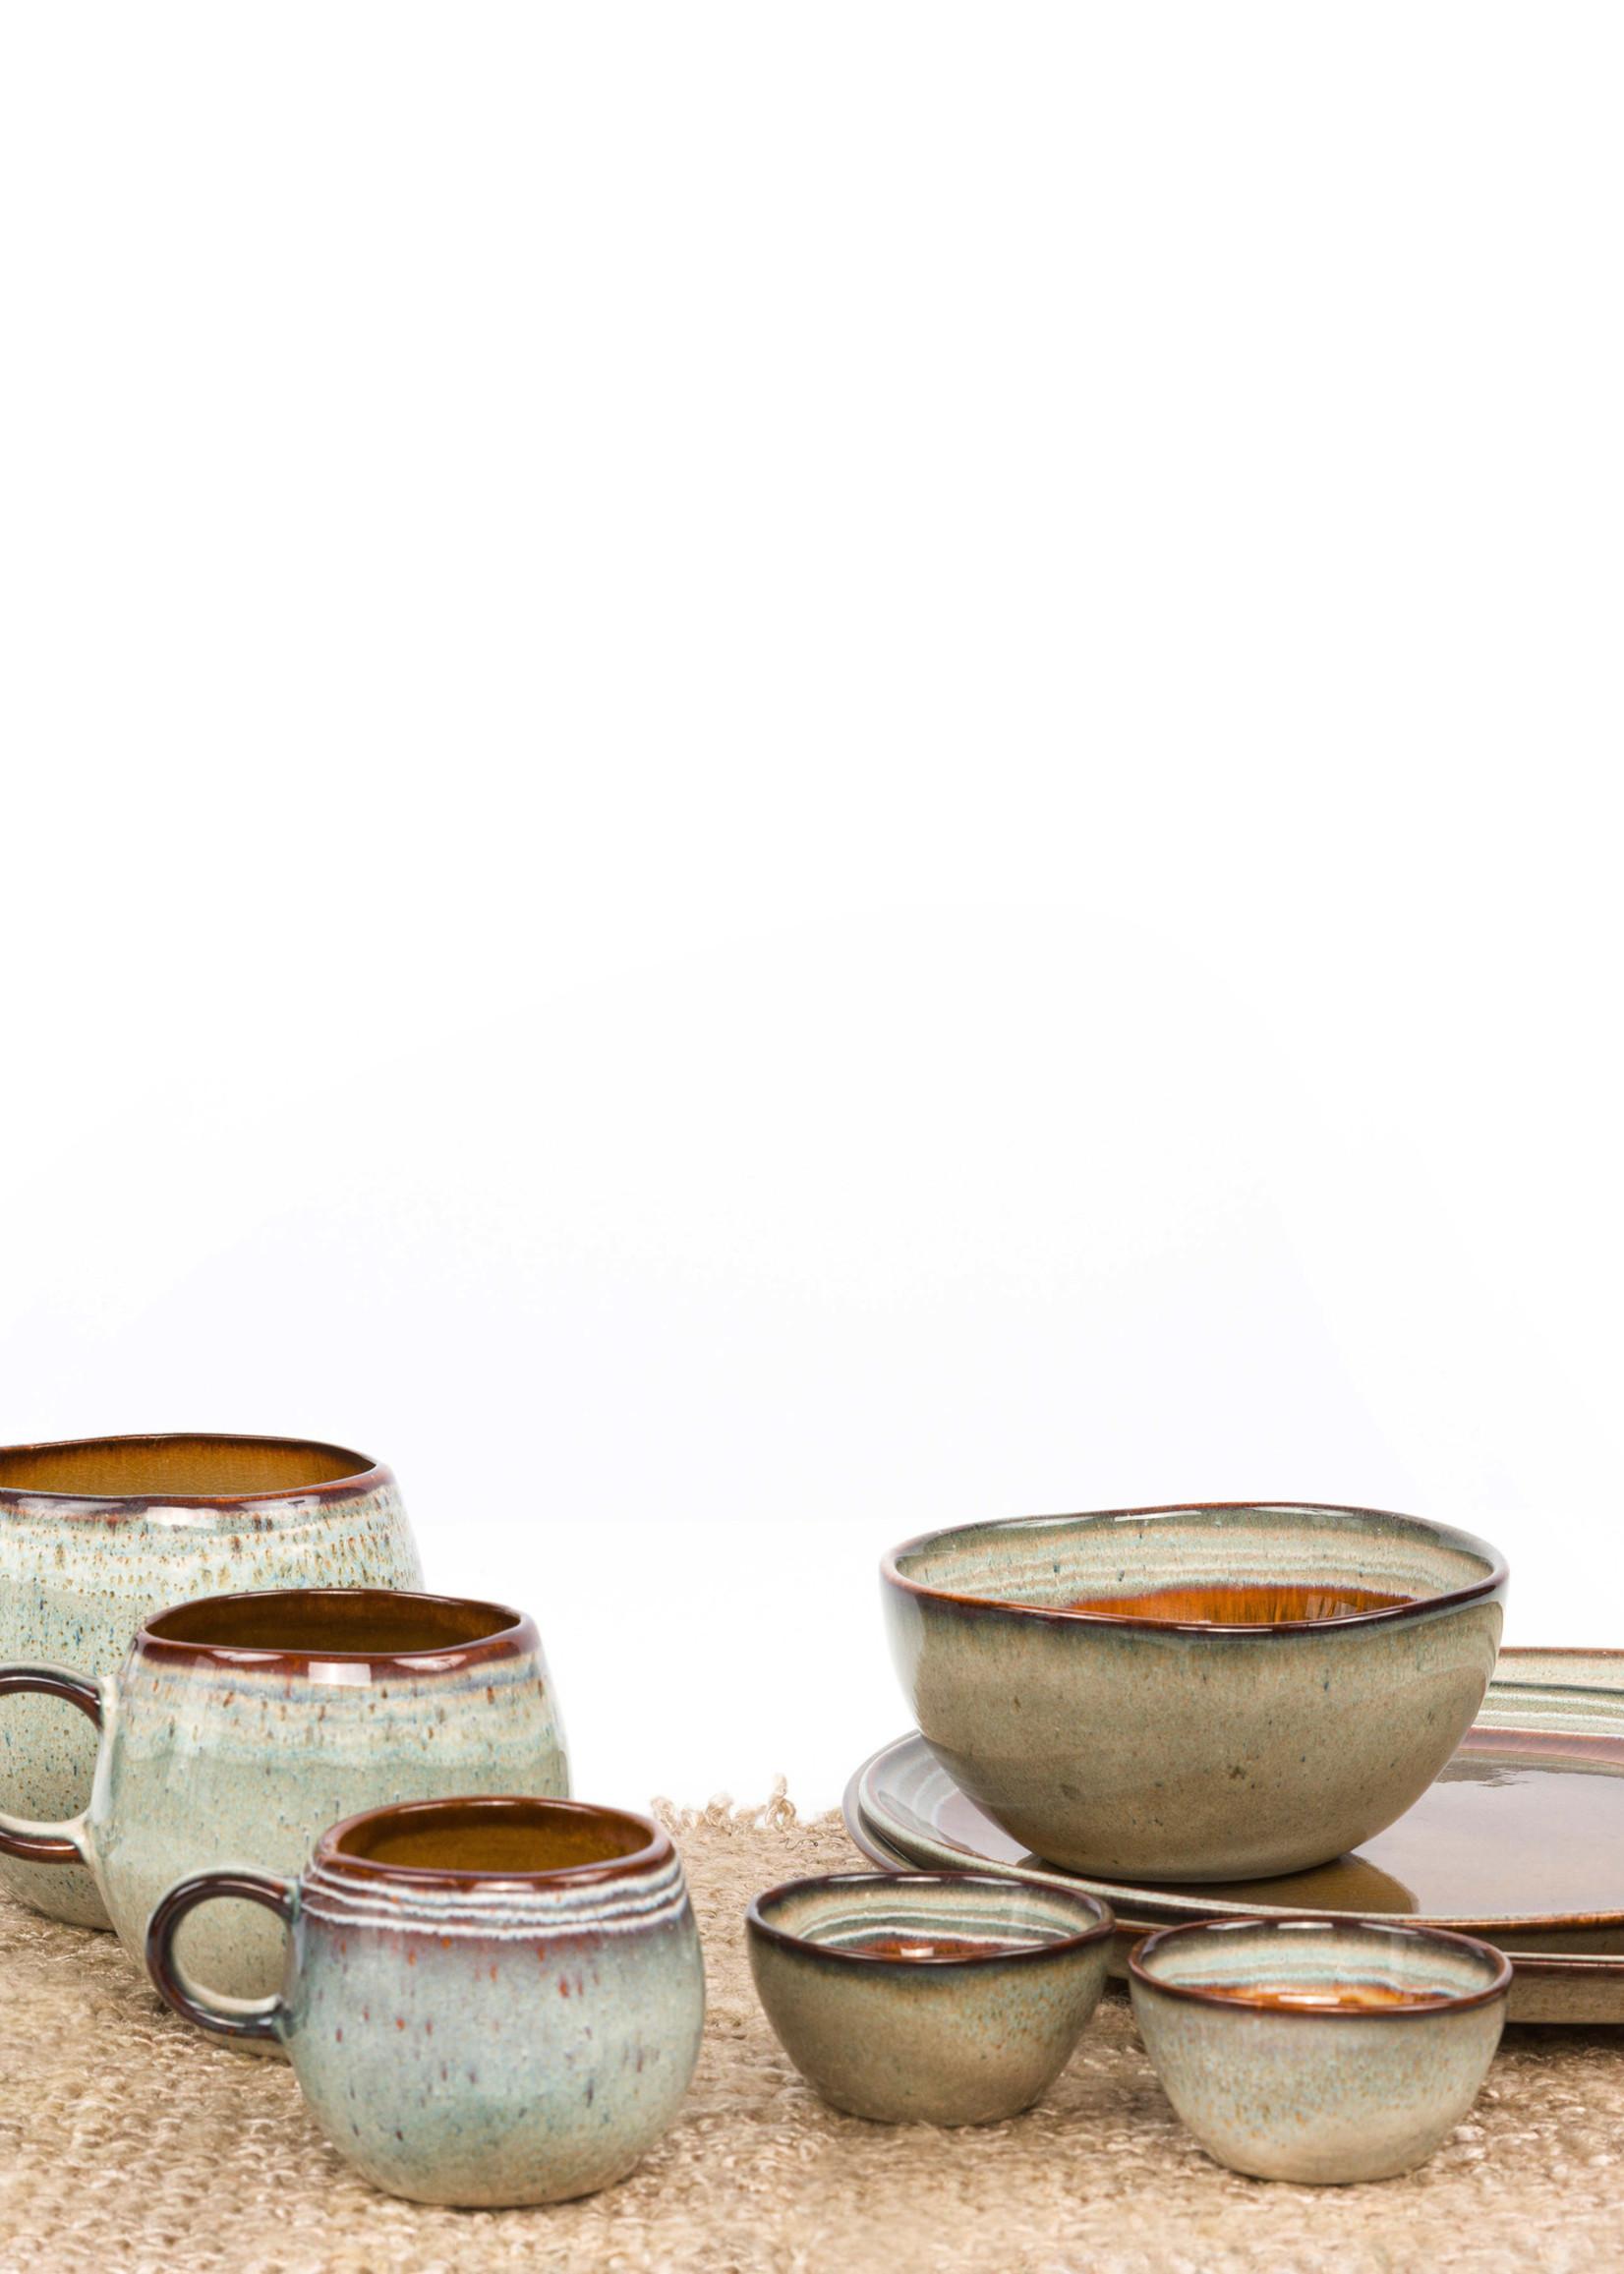 The Comporta Mug - L